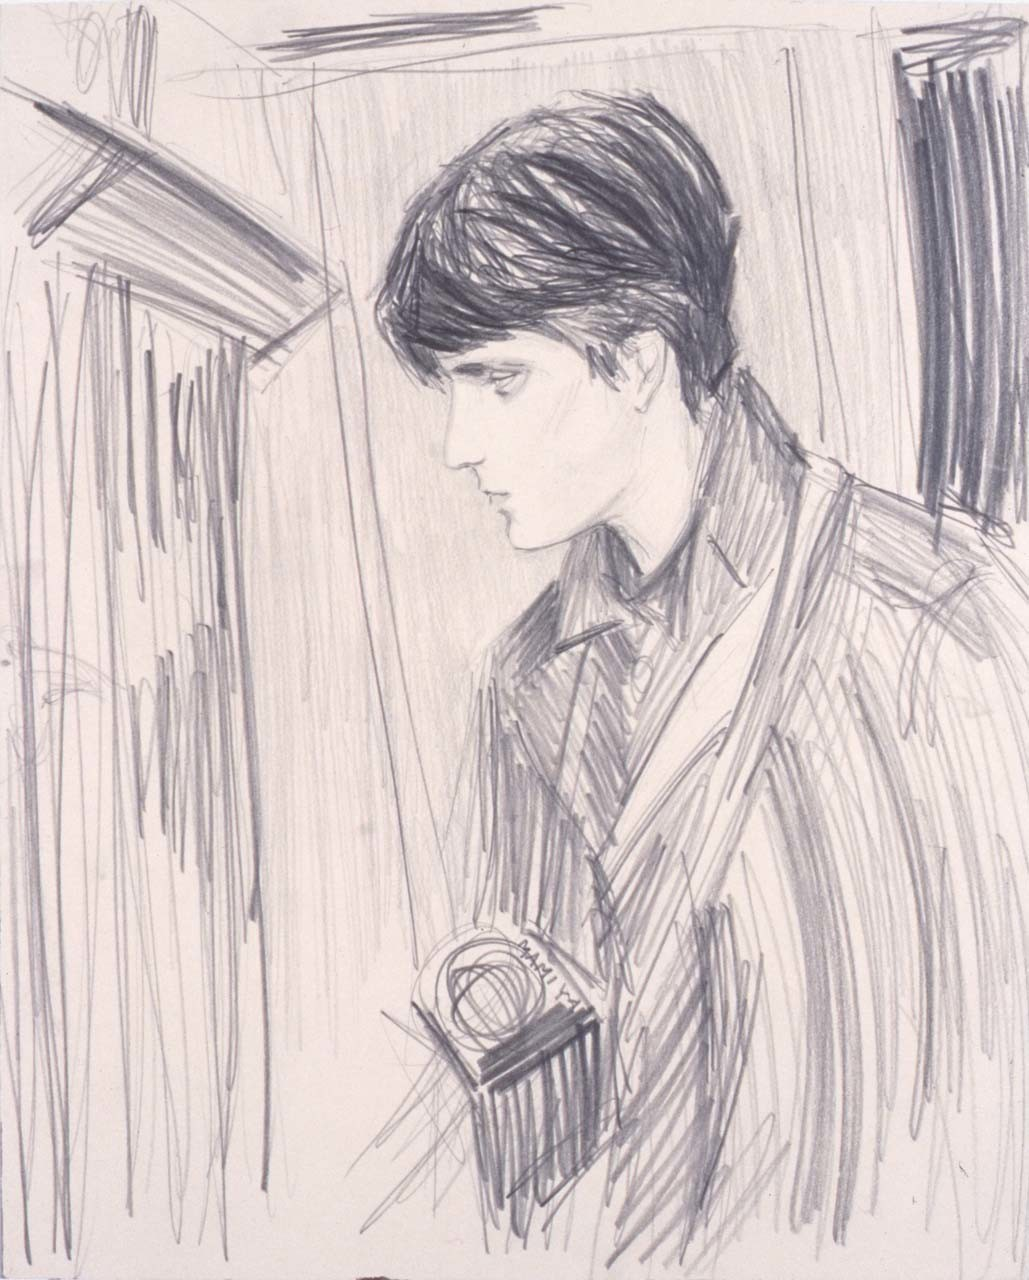 """<div class=""""artwork_caption""""><p>Birdcage [Craig], 1997</p></div>"""